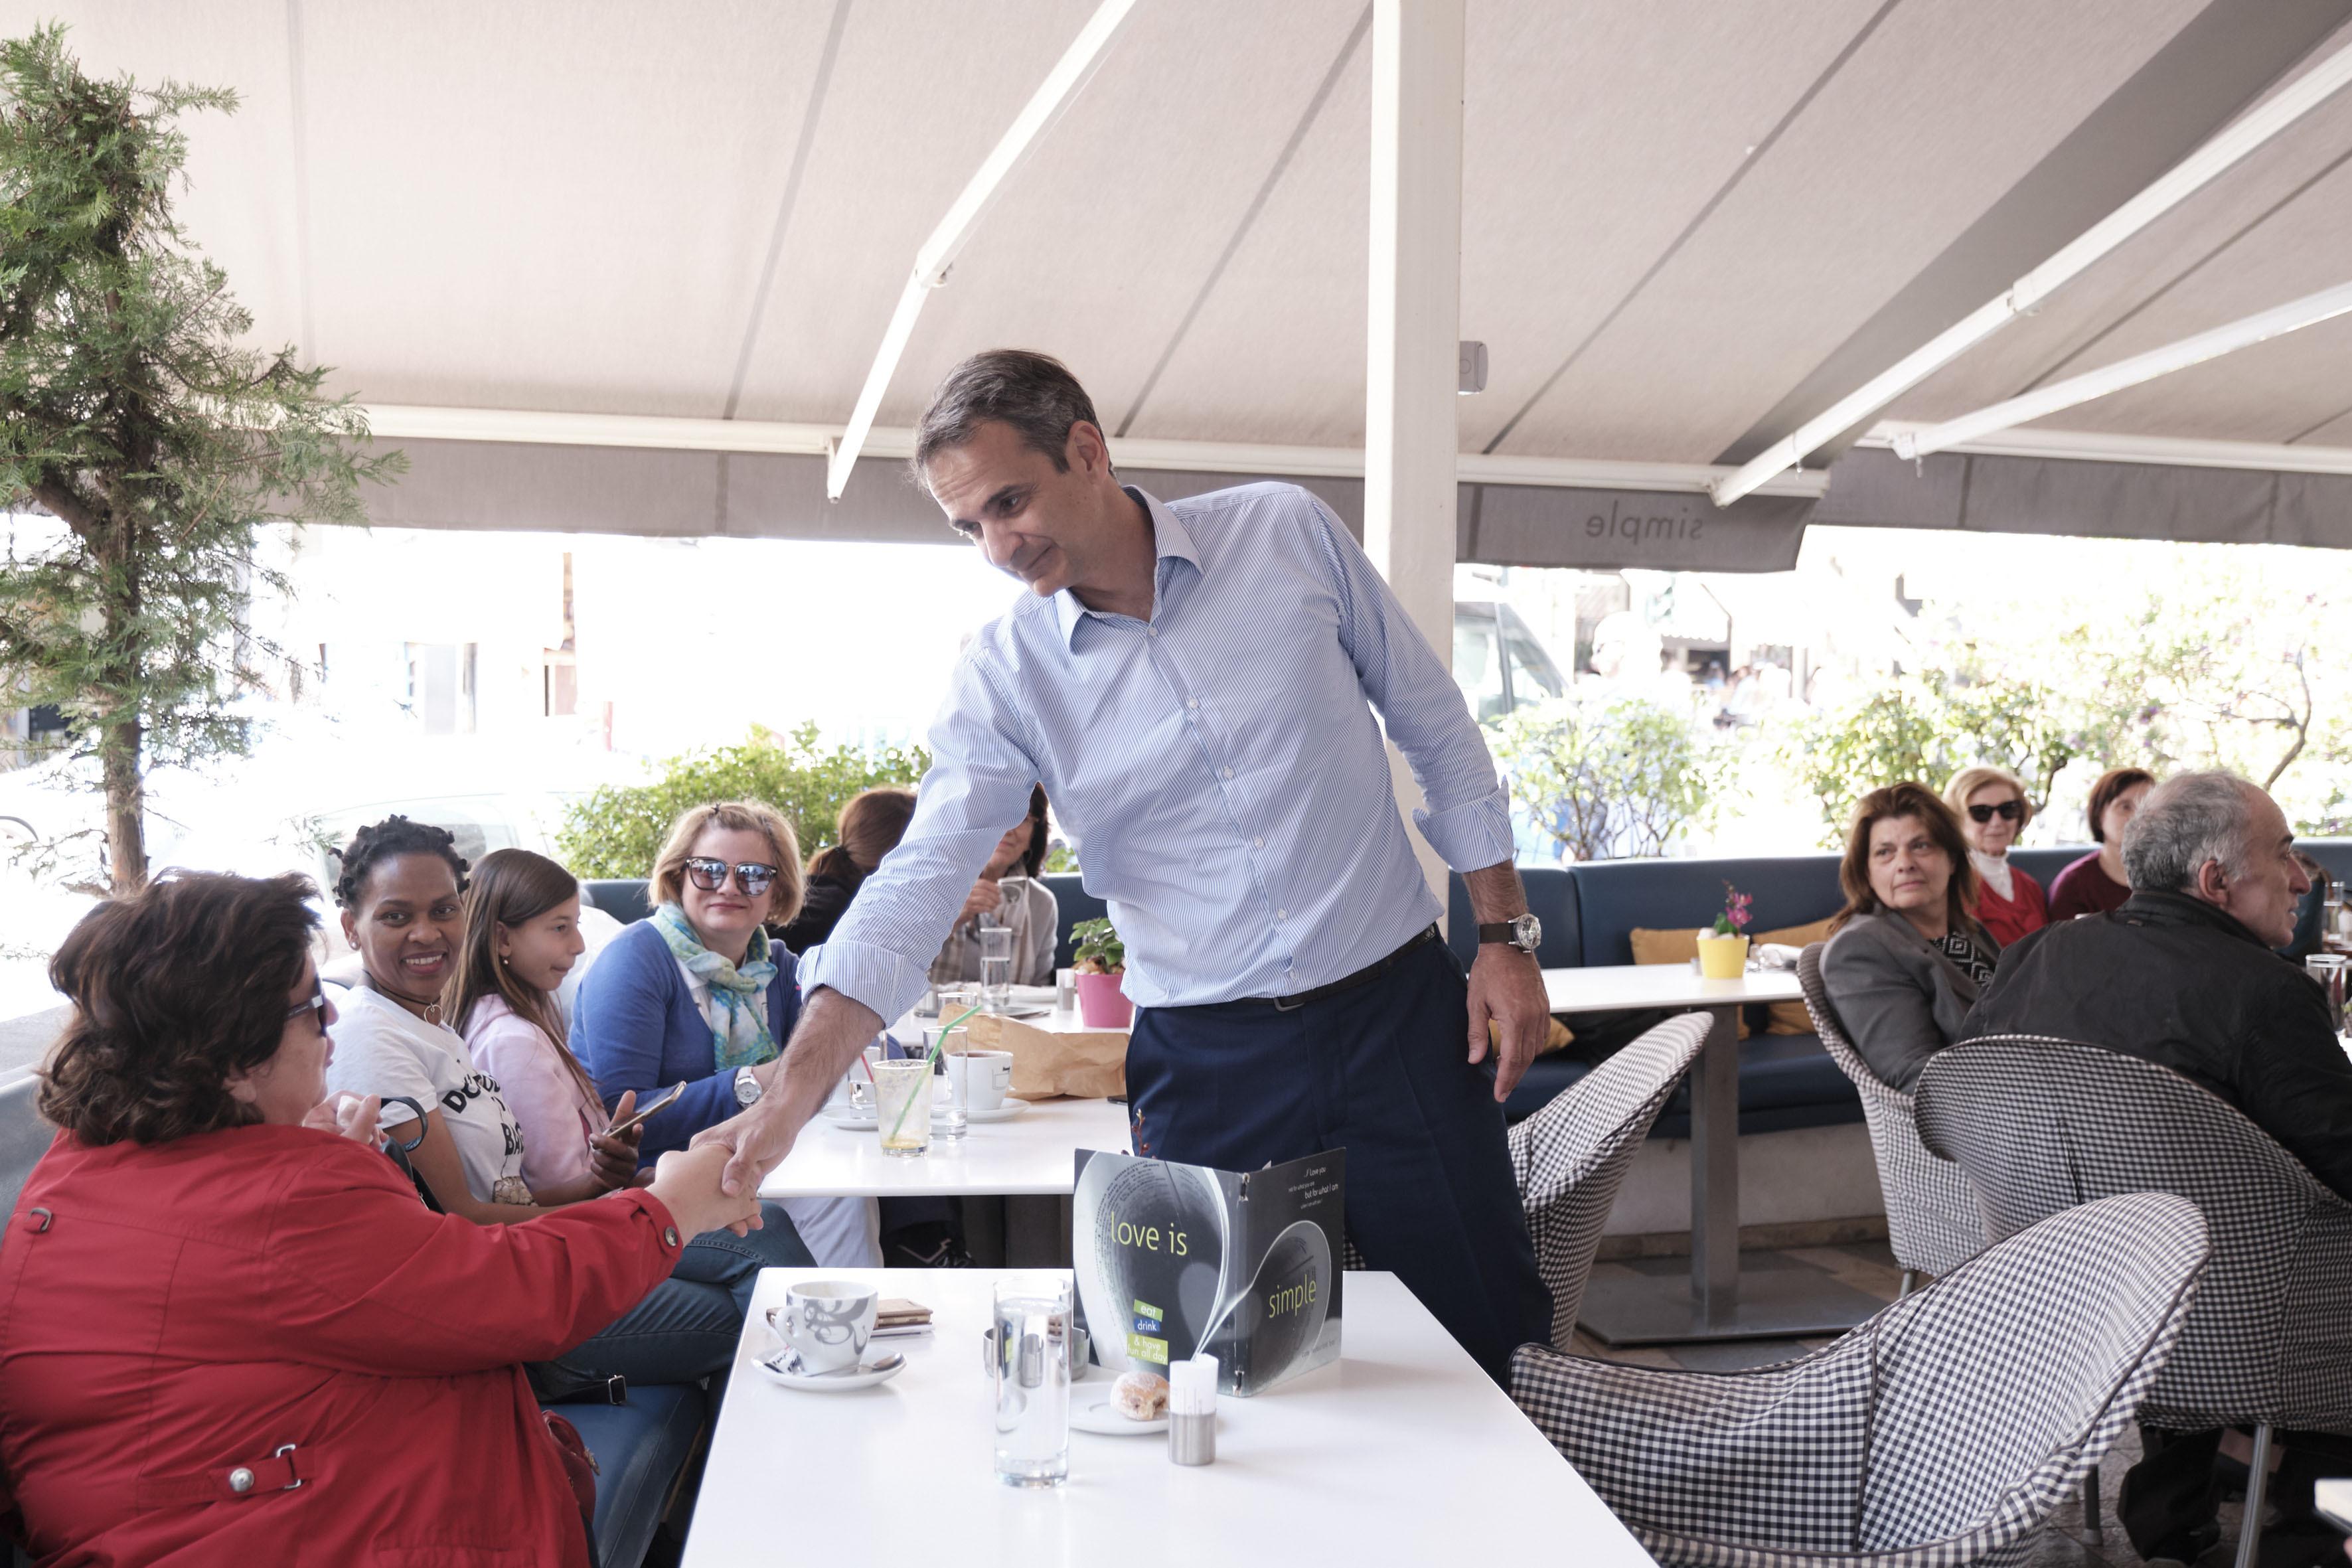 Κυρ. Μητσοτάκης για αφορολόγητο: Ελπίζω όταν ο κ. Τσίπρας τελειώσει τις διακοπές του με τον κ. Πολάκη να απαντήσει | ΠΟΛΙΤΙΚΗ